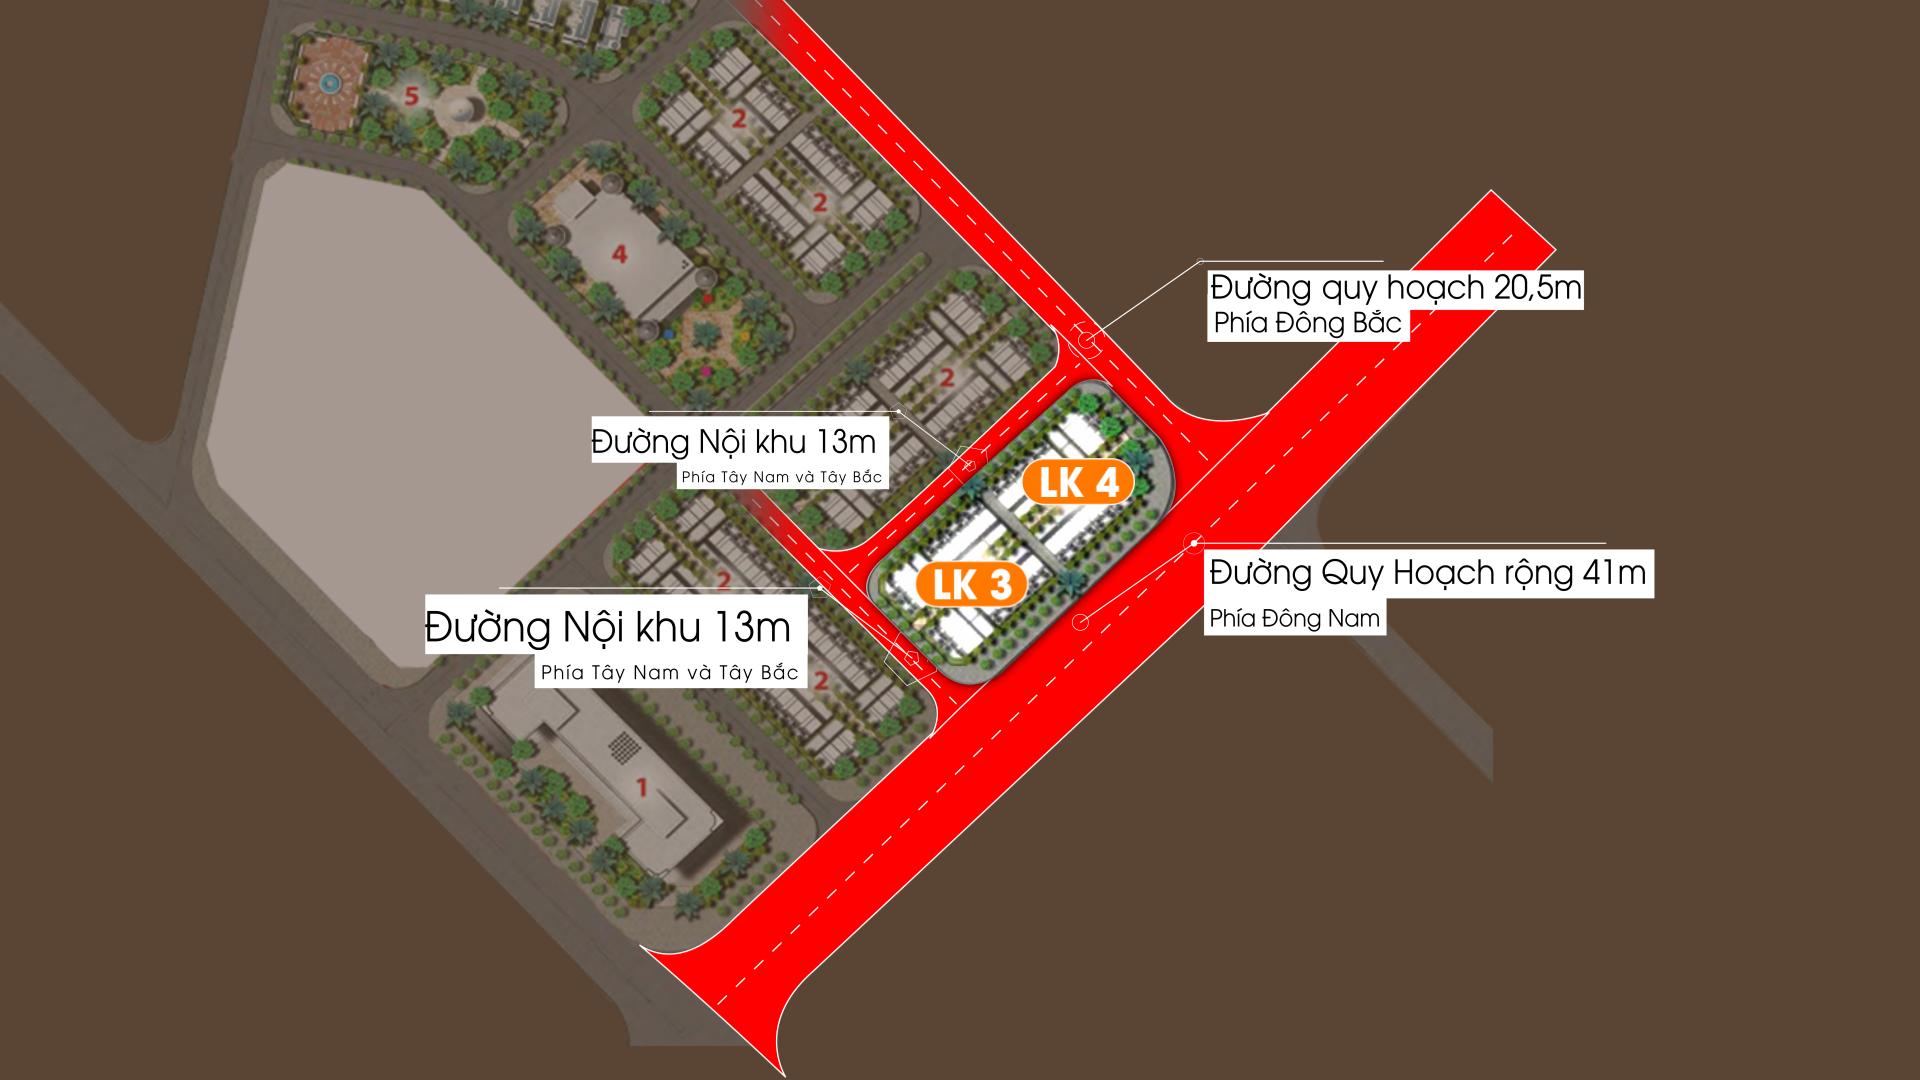 Phân khu Biệt thự Liền kề LK3 vs LK4 Dự án Vimefulland Cổ Dương Helianthus Center Red River 2021